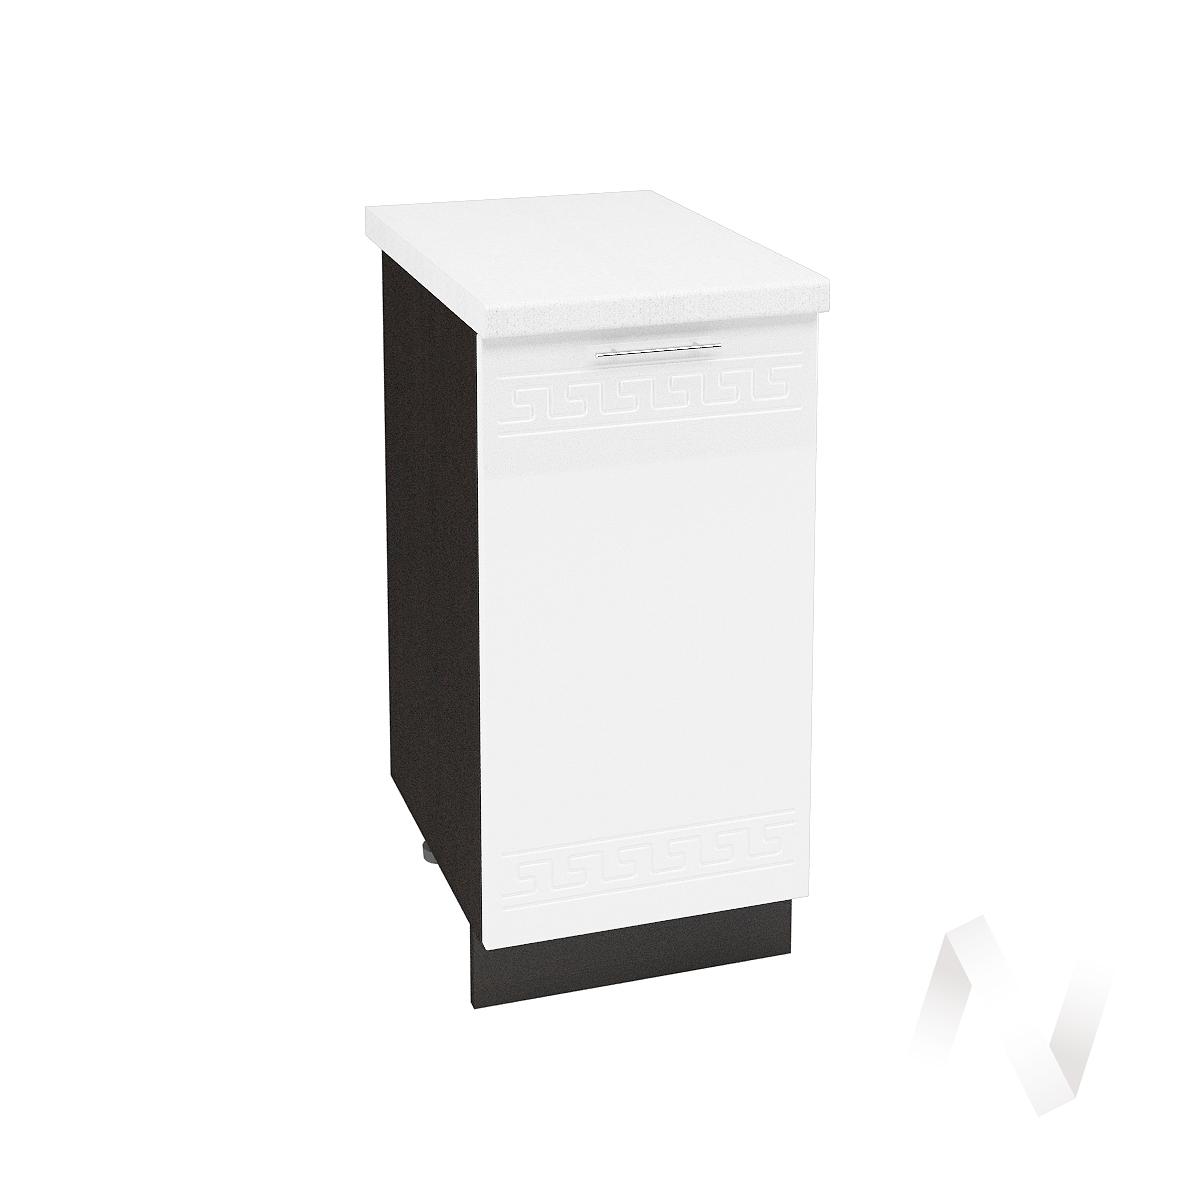 """Кухня """"Греция"""": Шкаф нижний 400, ШН 400 (белый металлик/корпус венге)"""